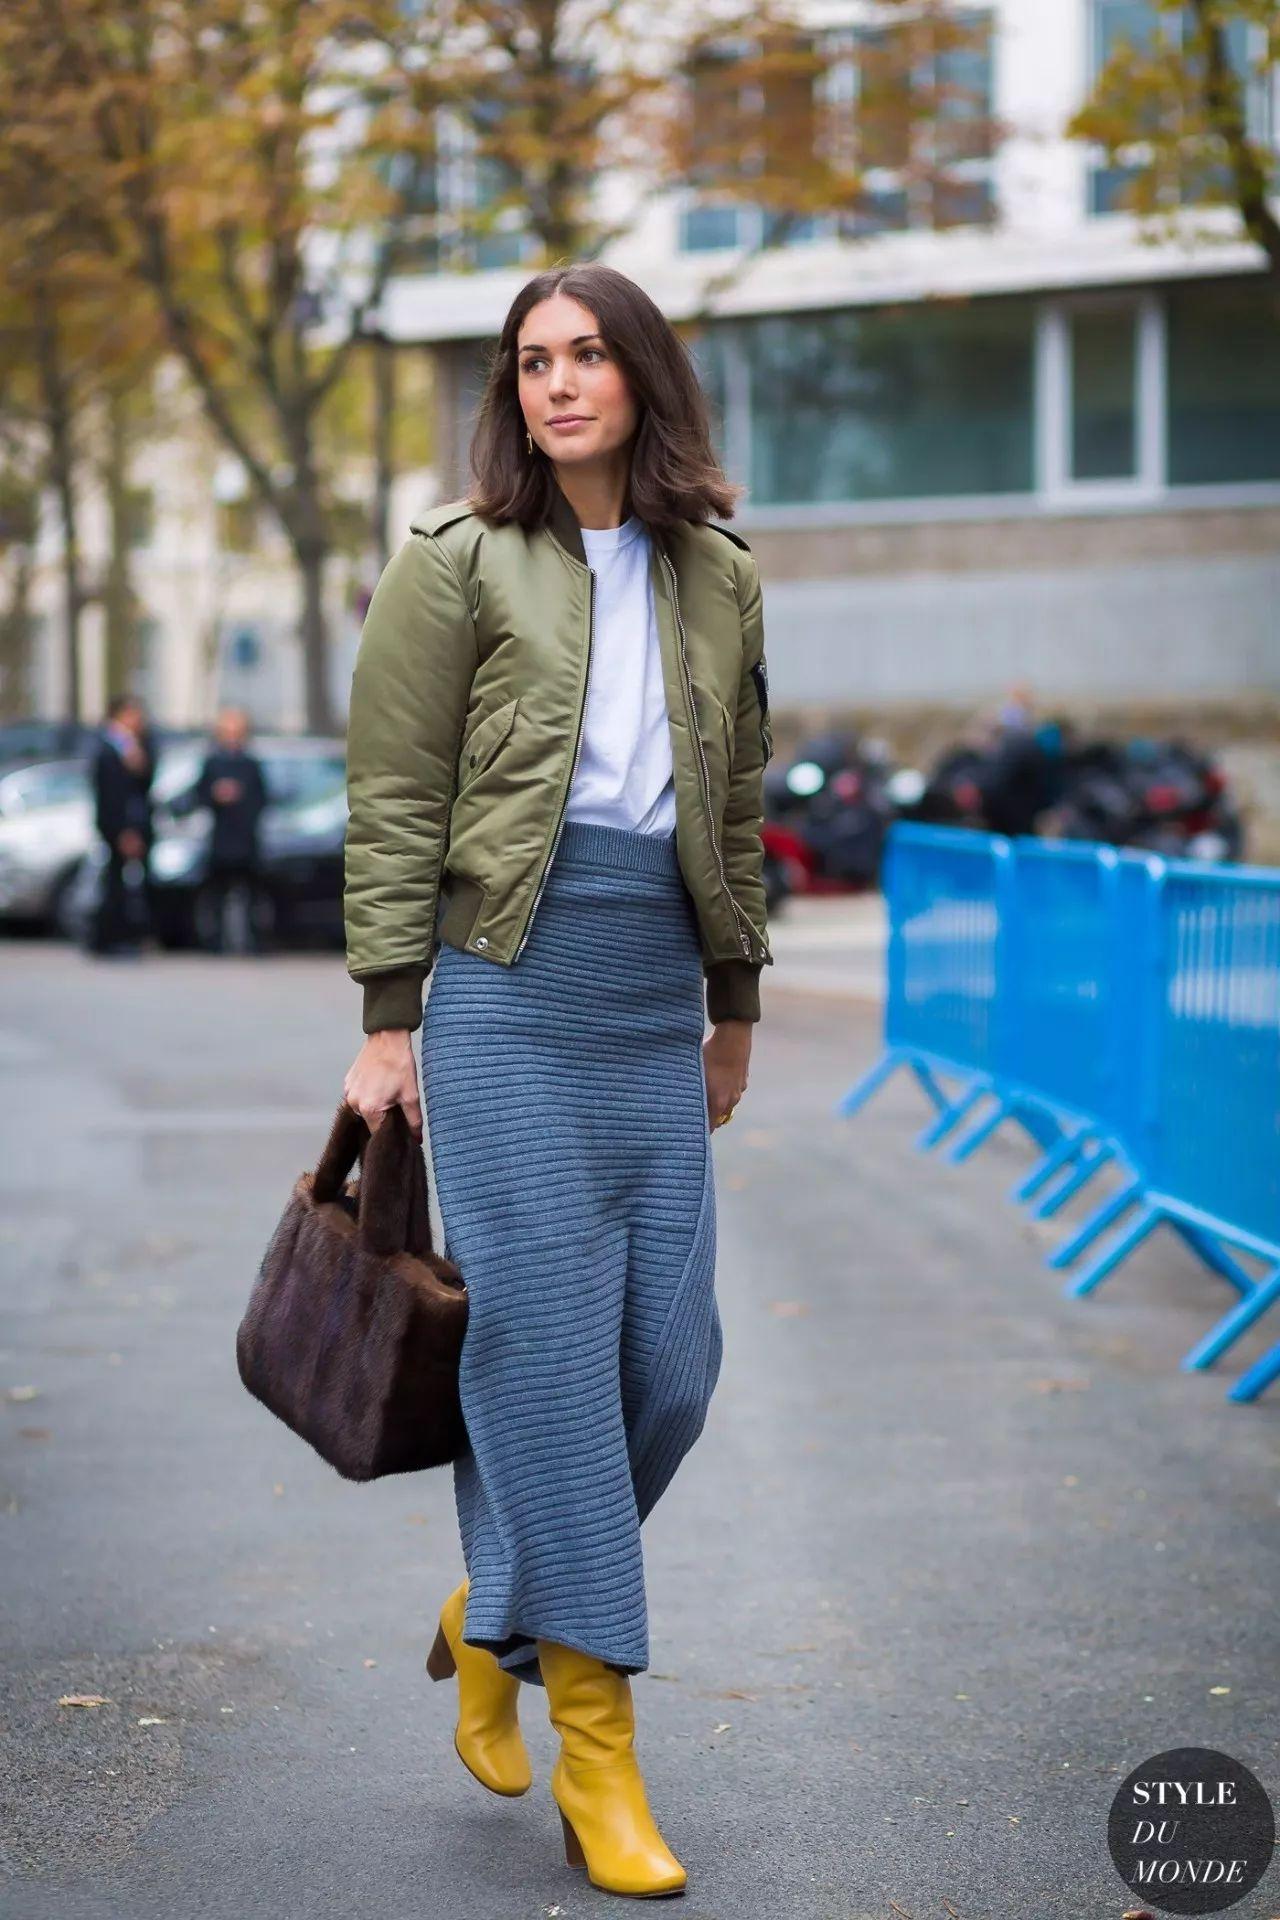 短款外套搭配參考,讓你的時尚與眾不同 形象穿搭 第7張